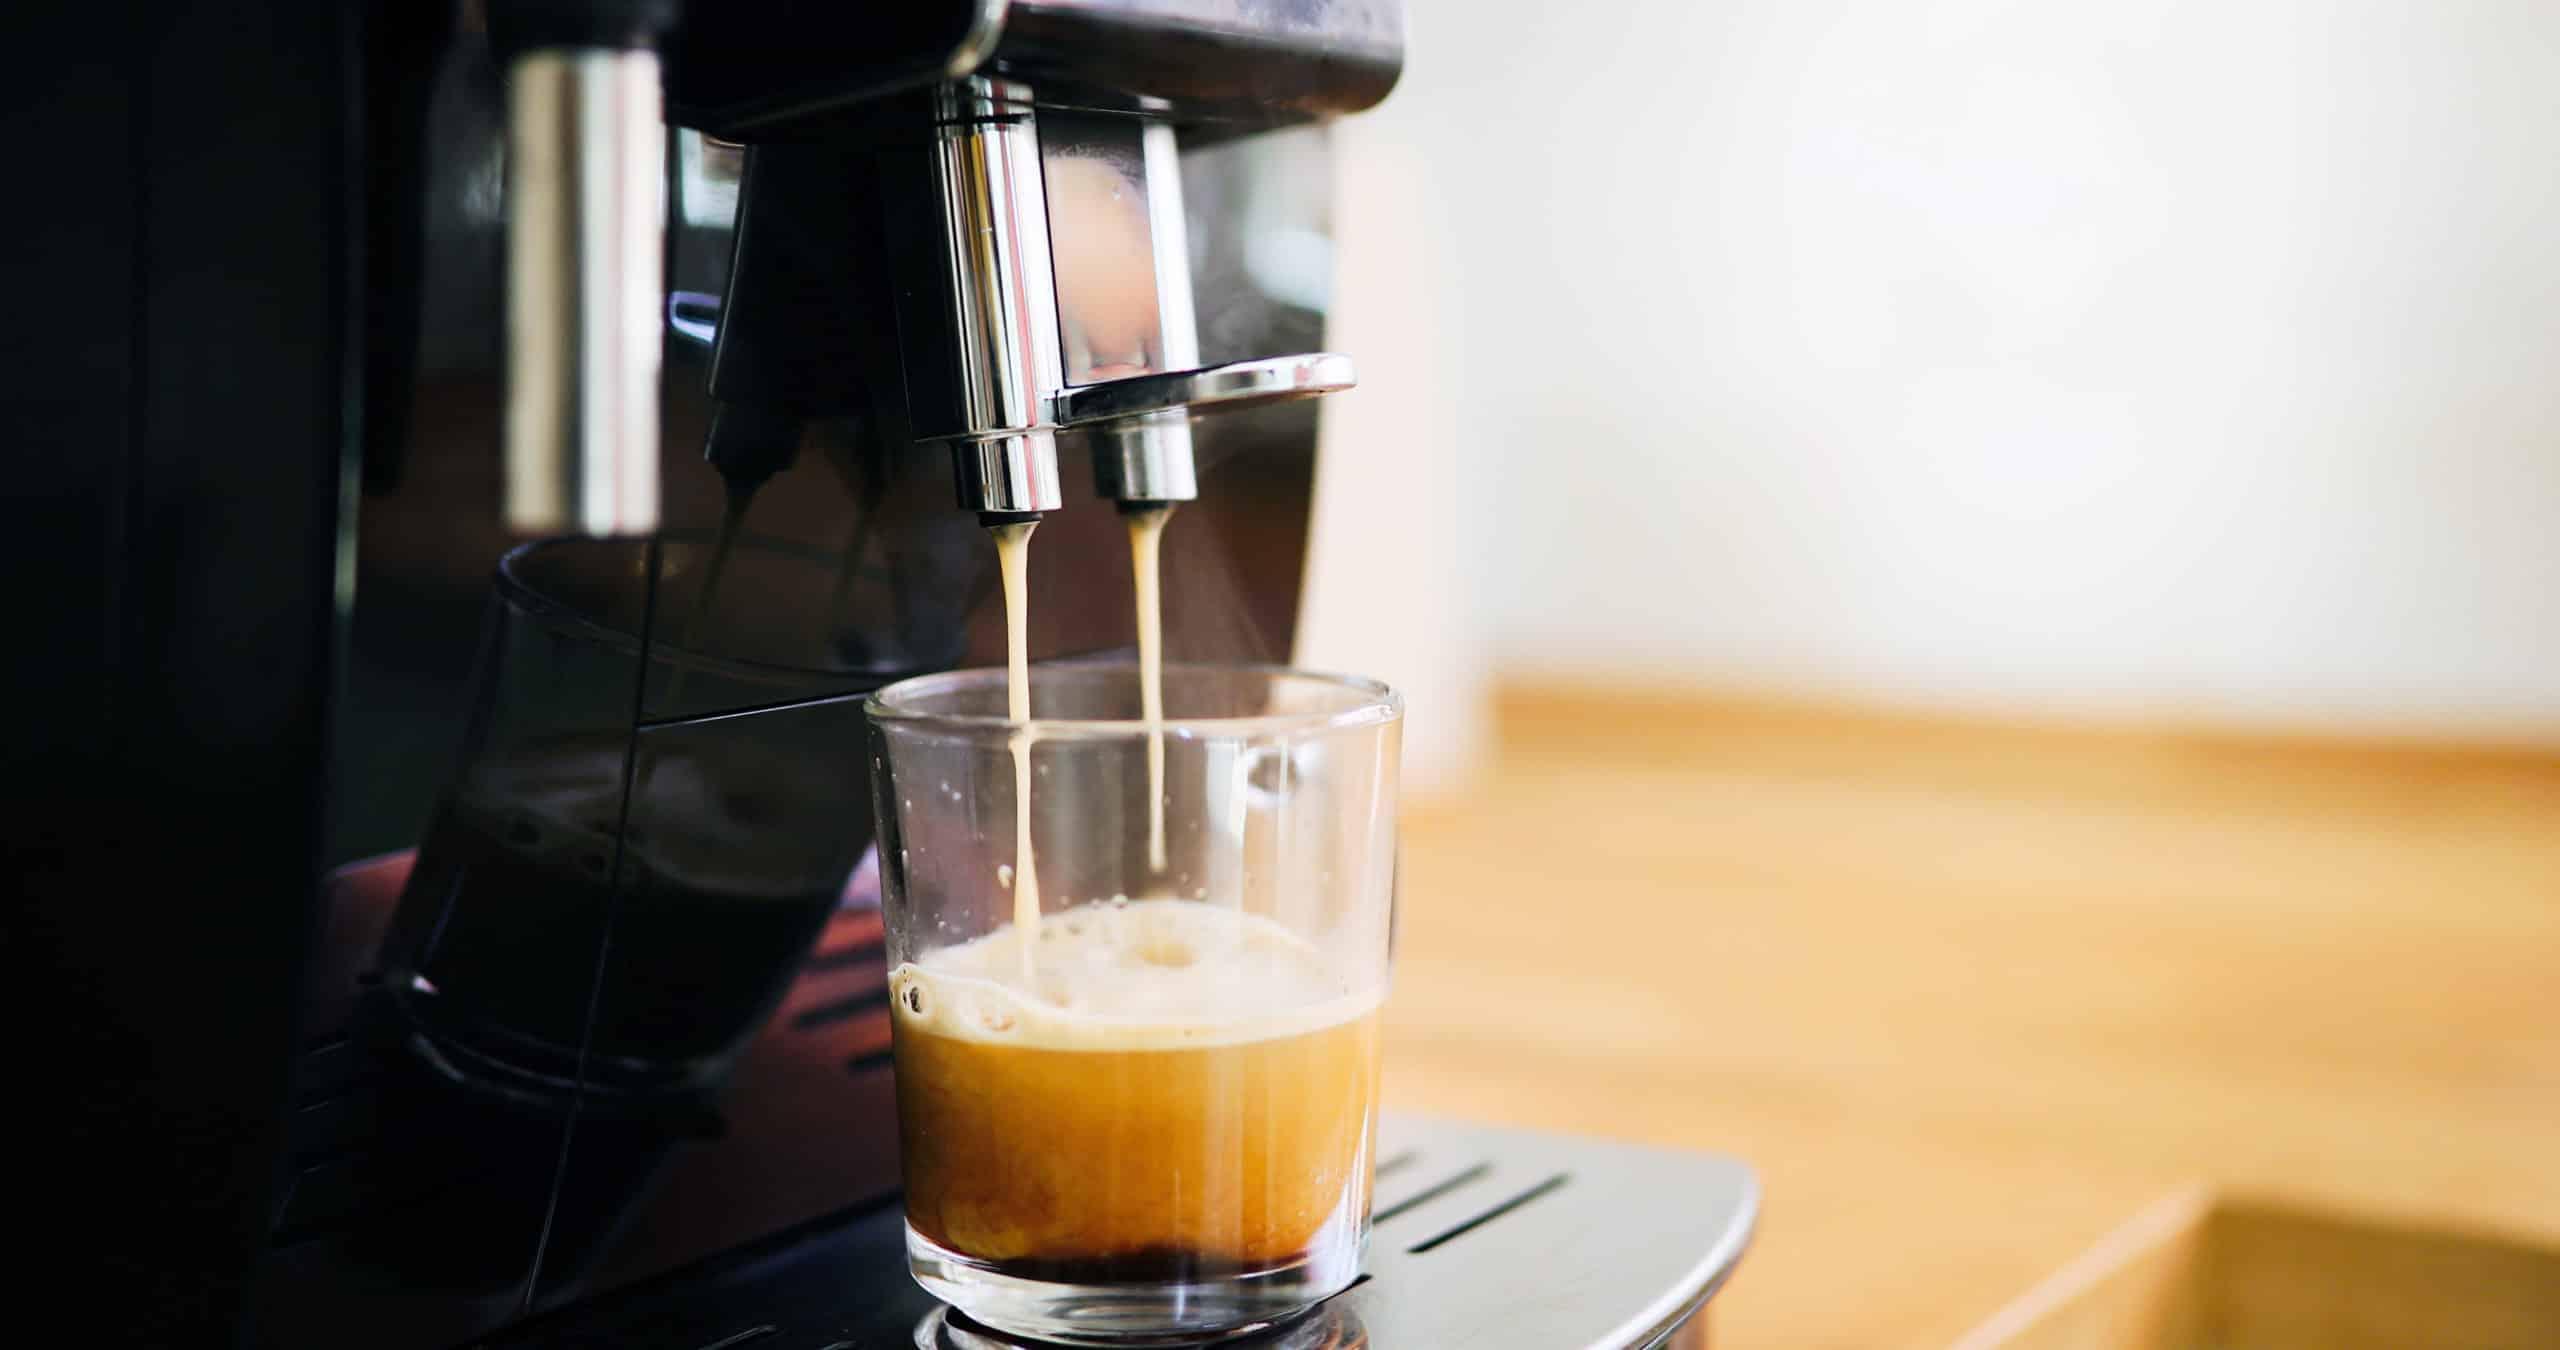 Italienischer Kaffeegenuss gefällig? Mit einer Espressomaschine kein Problem.